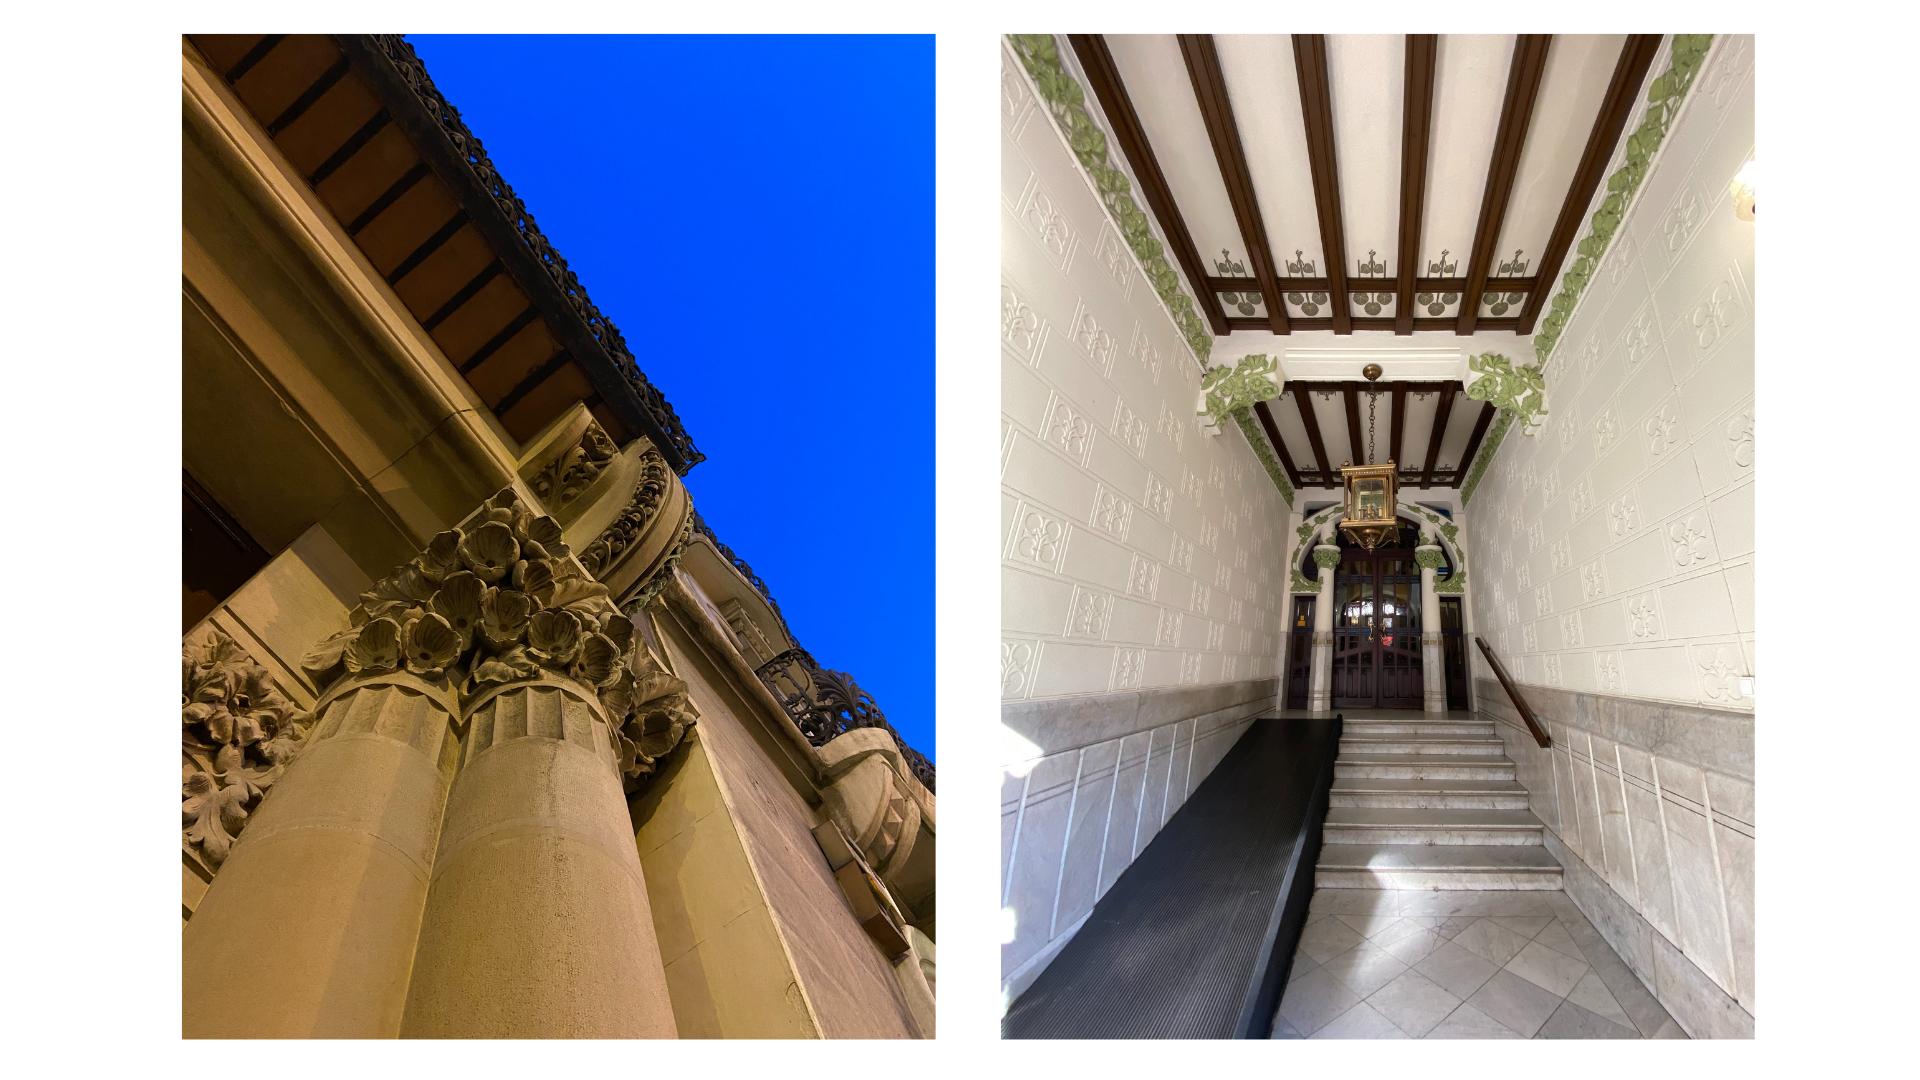 Detalles del exterior e interior del número 11 de Paseo de Sagasta